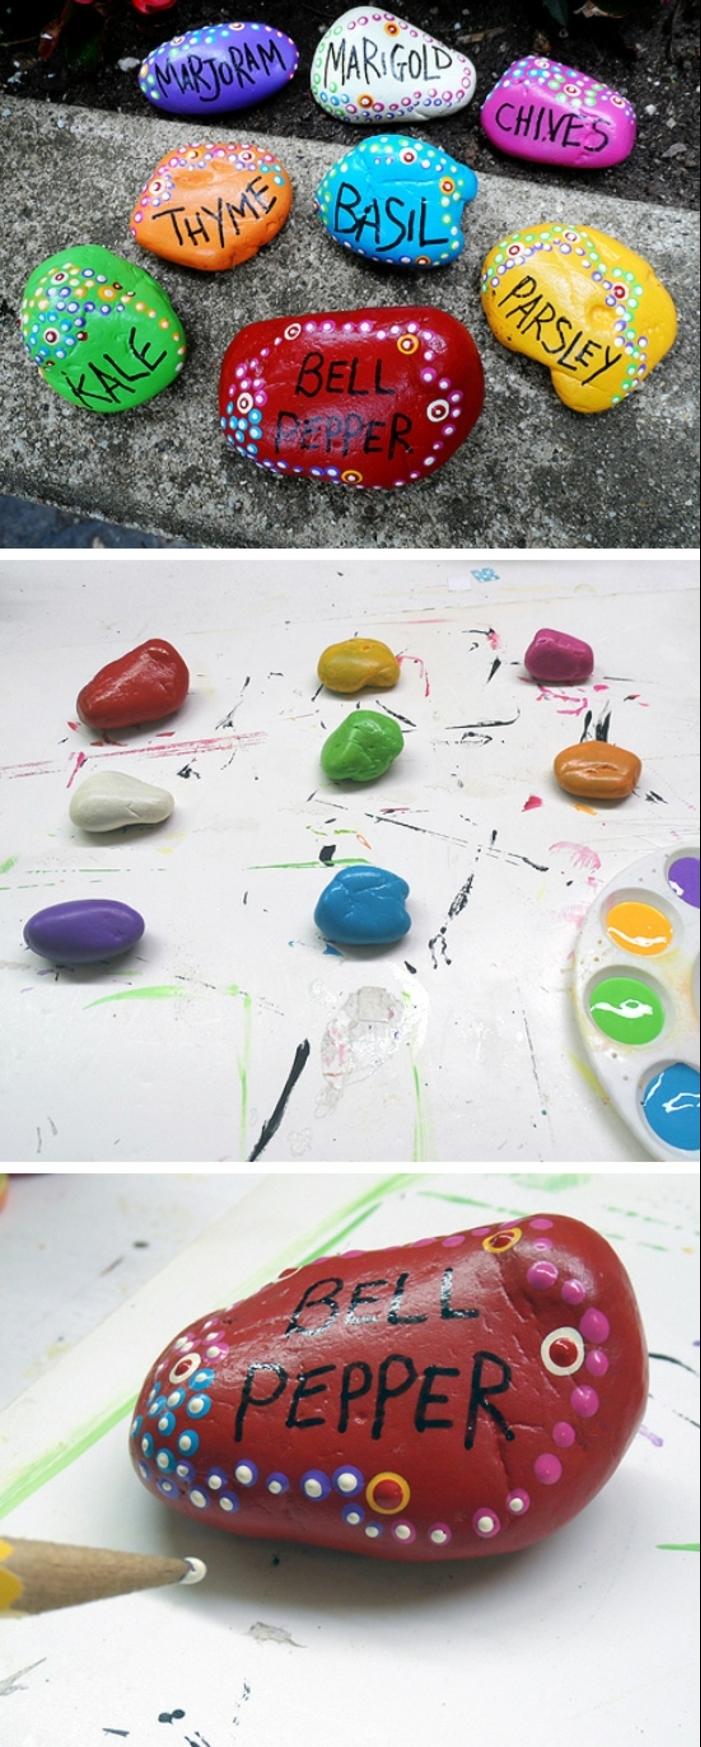 idee deco jardin a faire soi meme, galets rouge, lettres noires, galets peints, crayon jaune, peinture acrylique